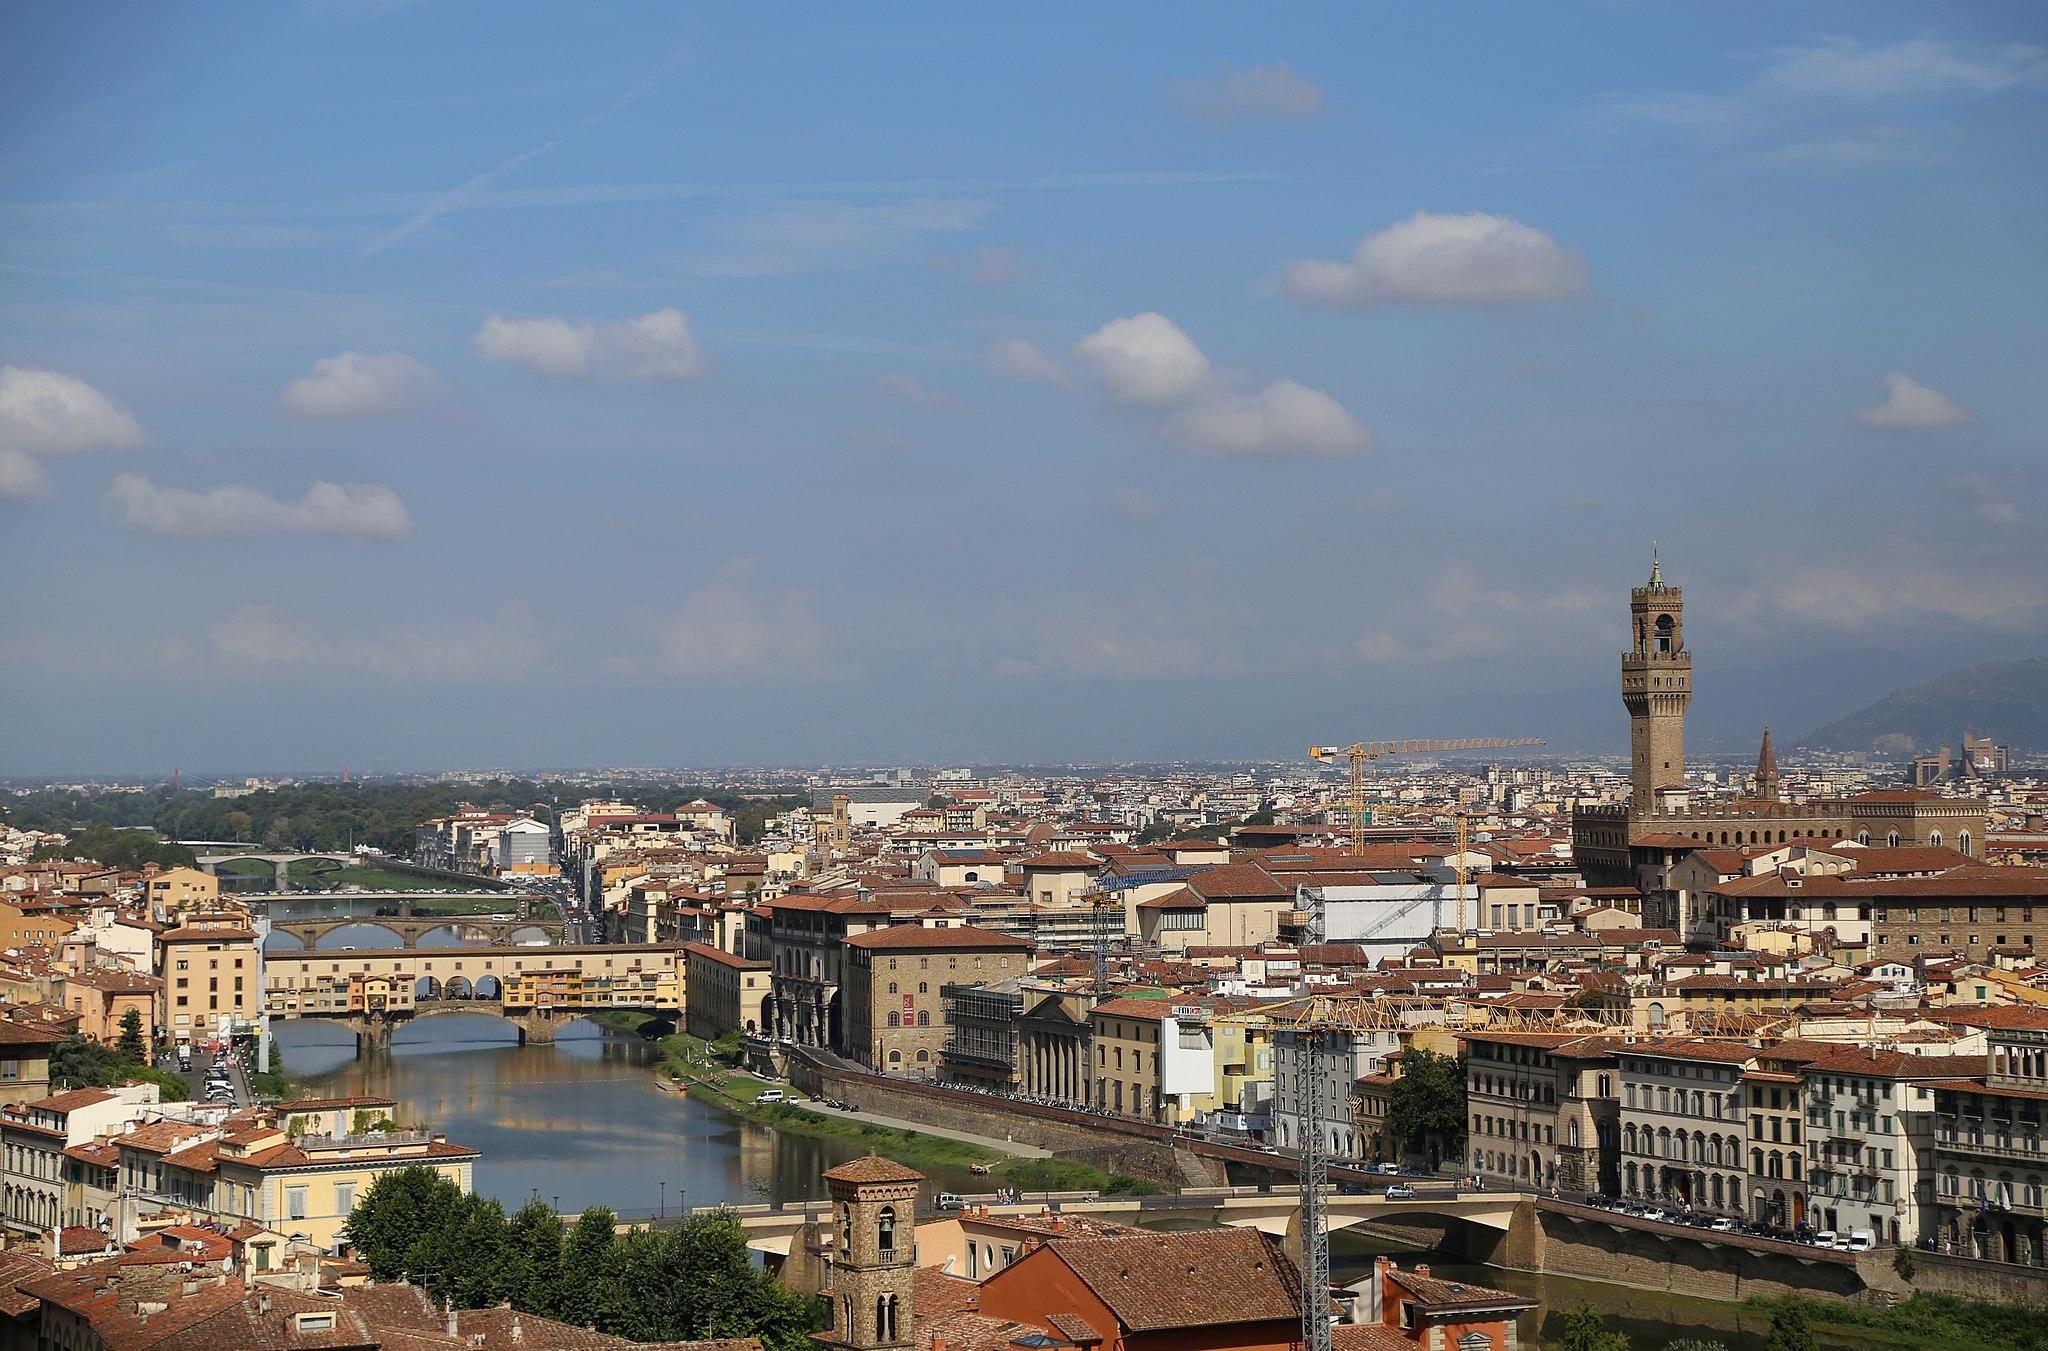 Piazzale Michelangelo, con veduta del Ponte Vecchio, degli Uffizi e Palazzo Vecchio